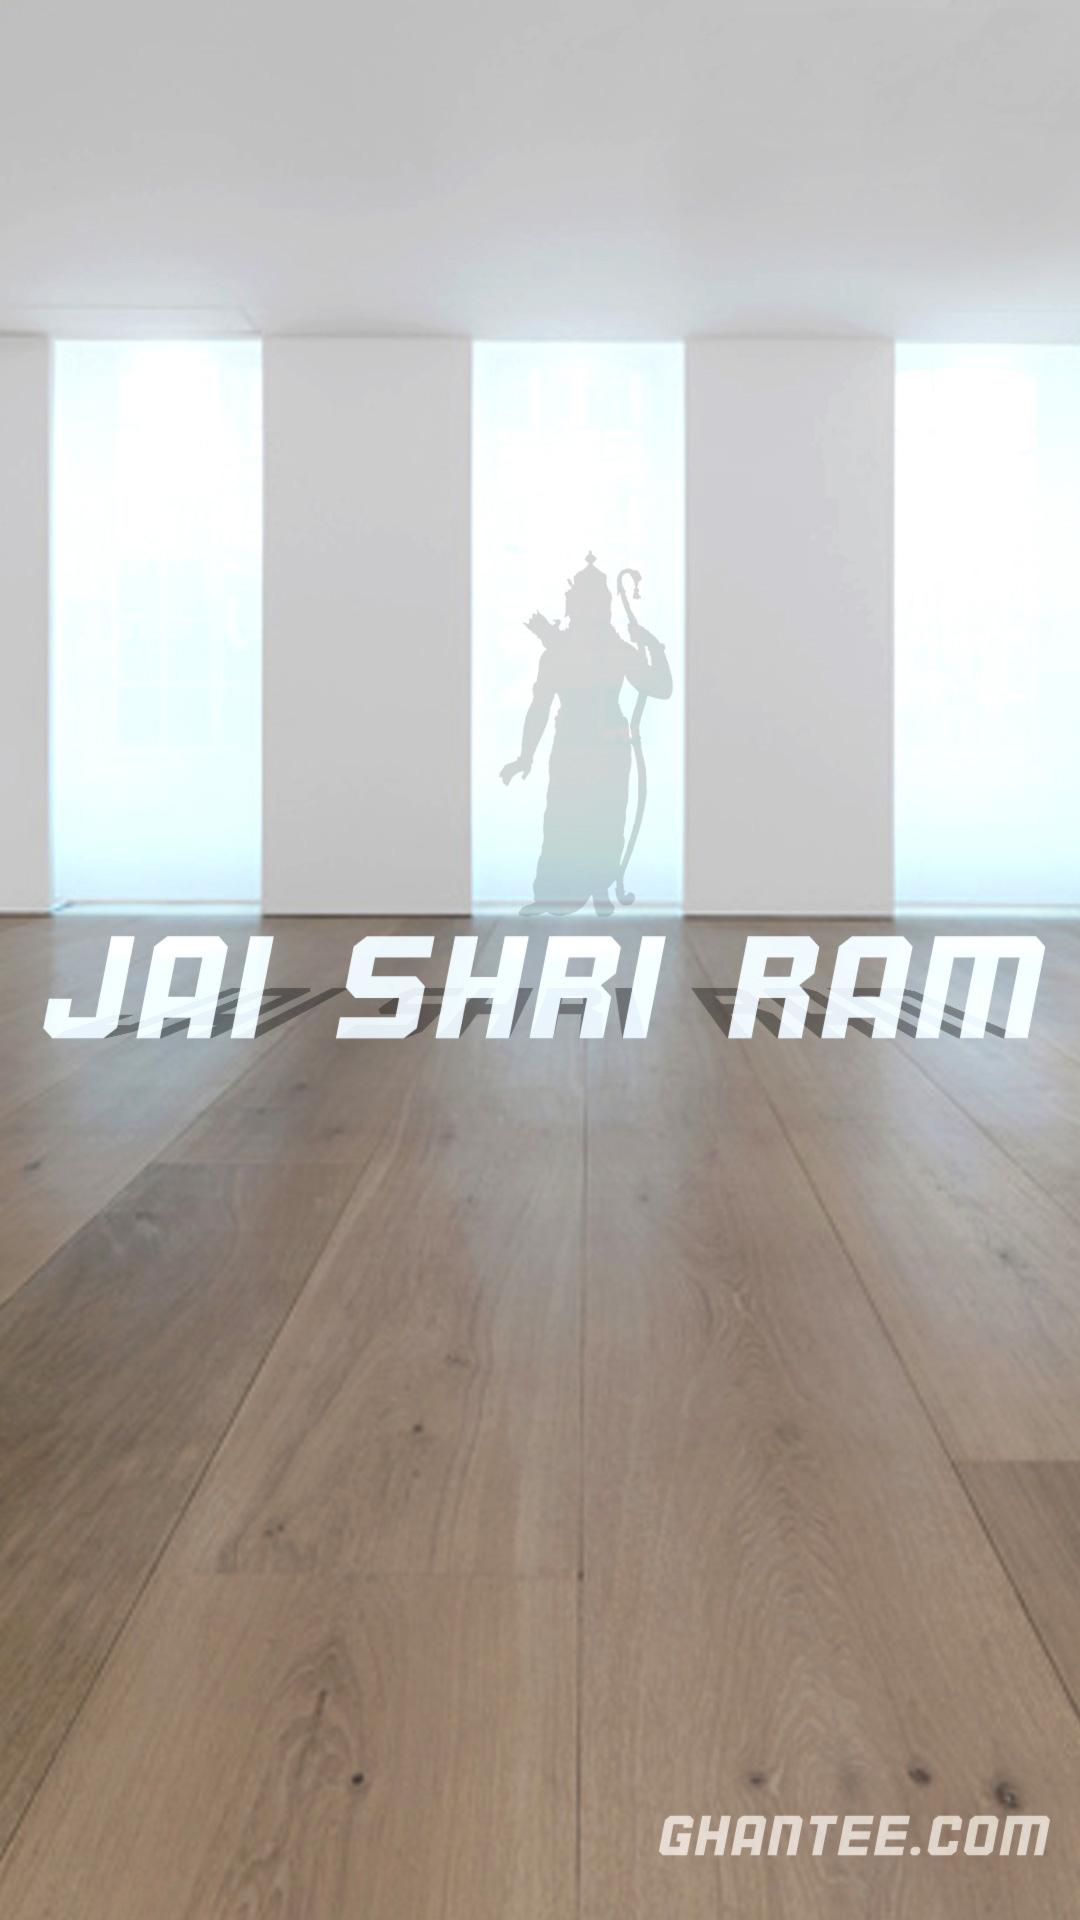 jai shri ram text phone wallpaper | full HD